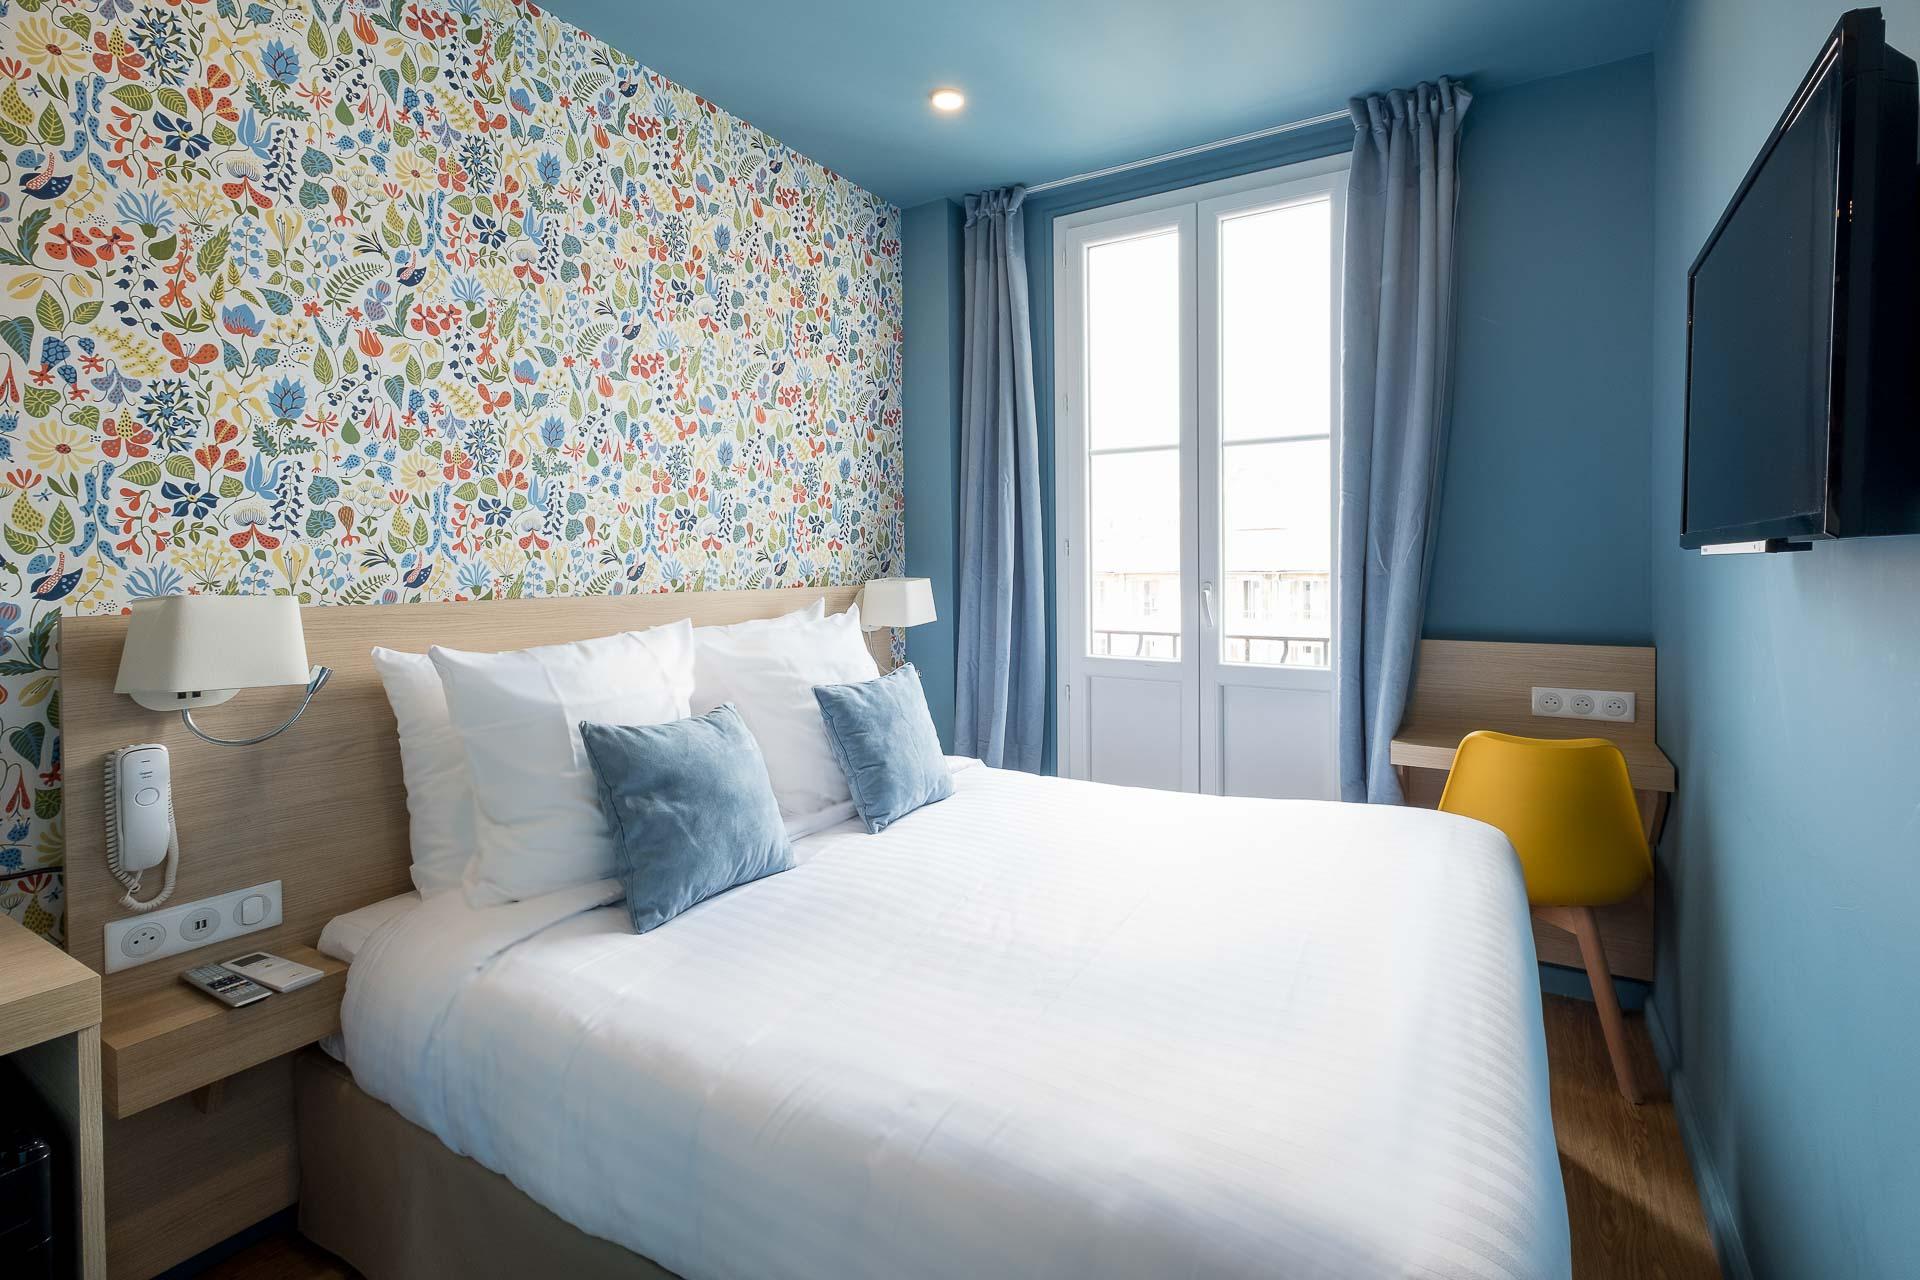 Mini Kühlschrank Fürs Zimmer : Gemütliche zimmer unseres charmanten hotels in nizza hotel du